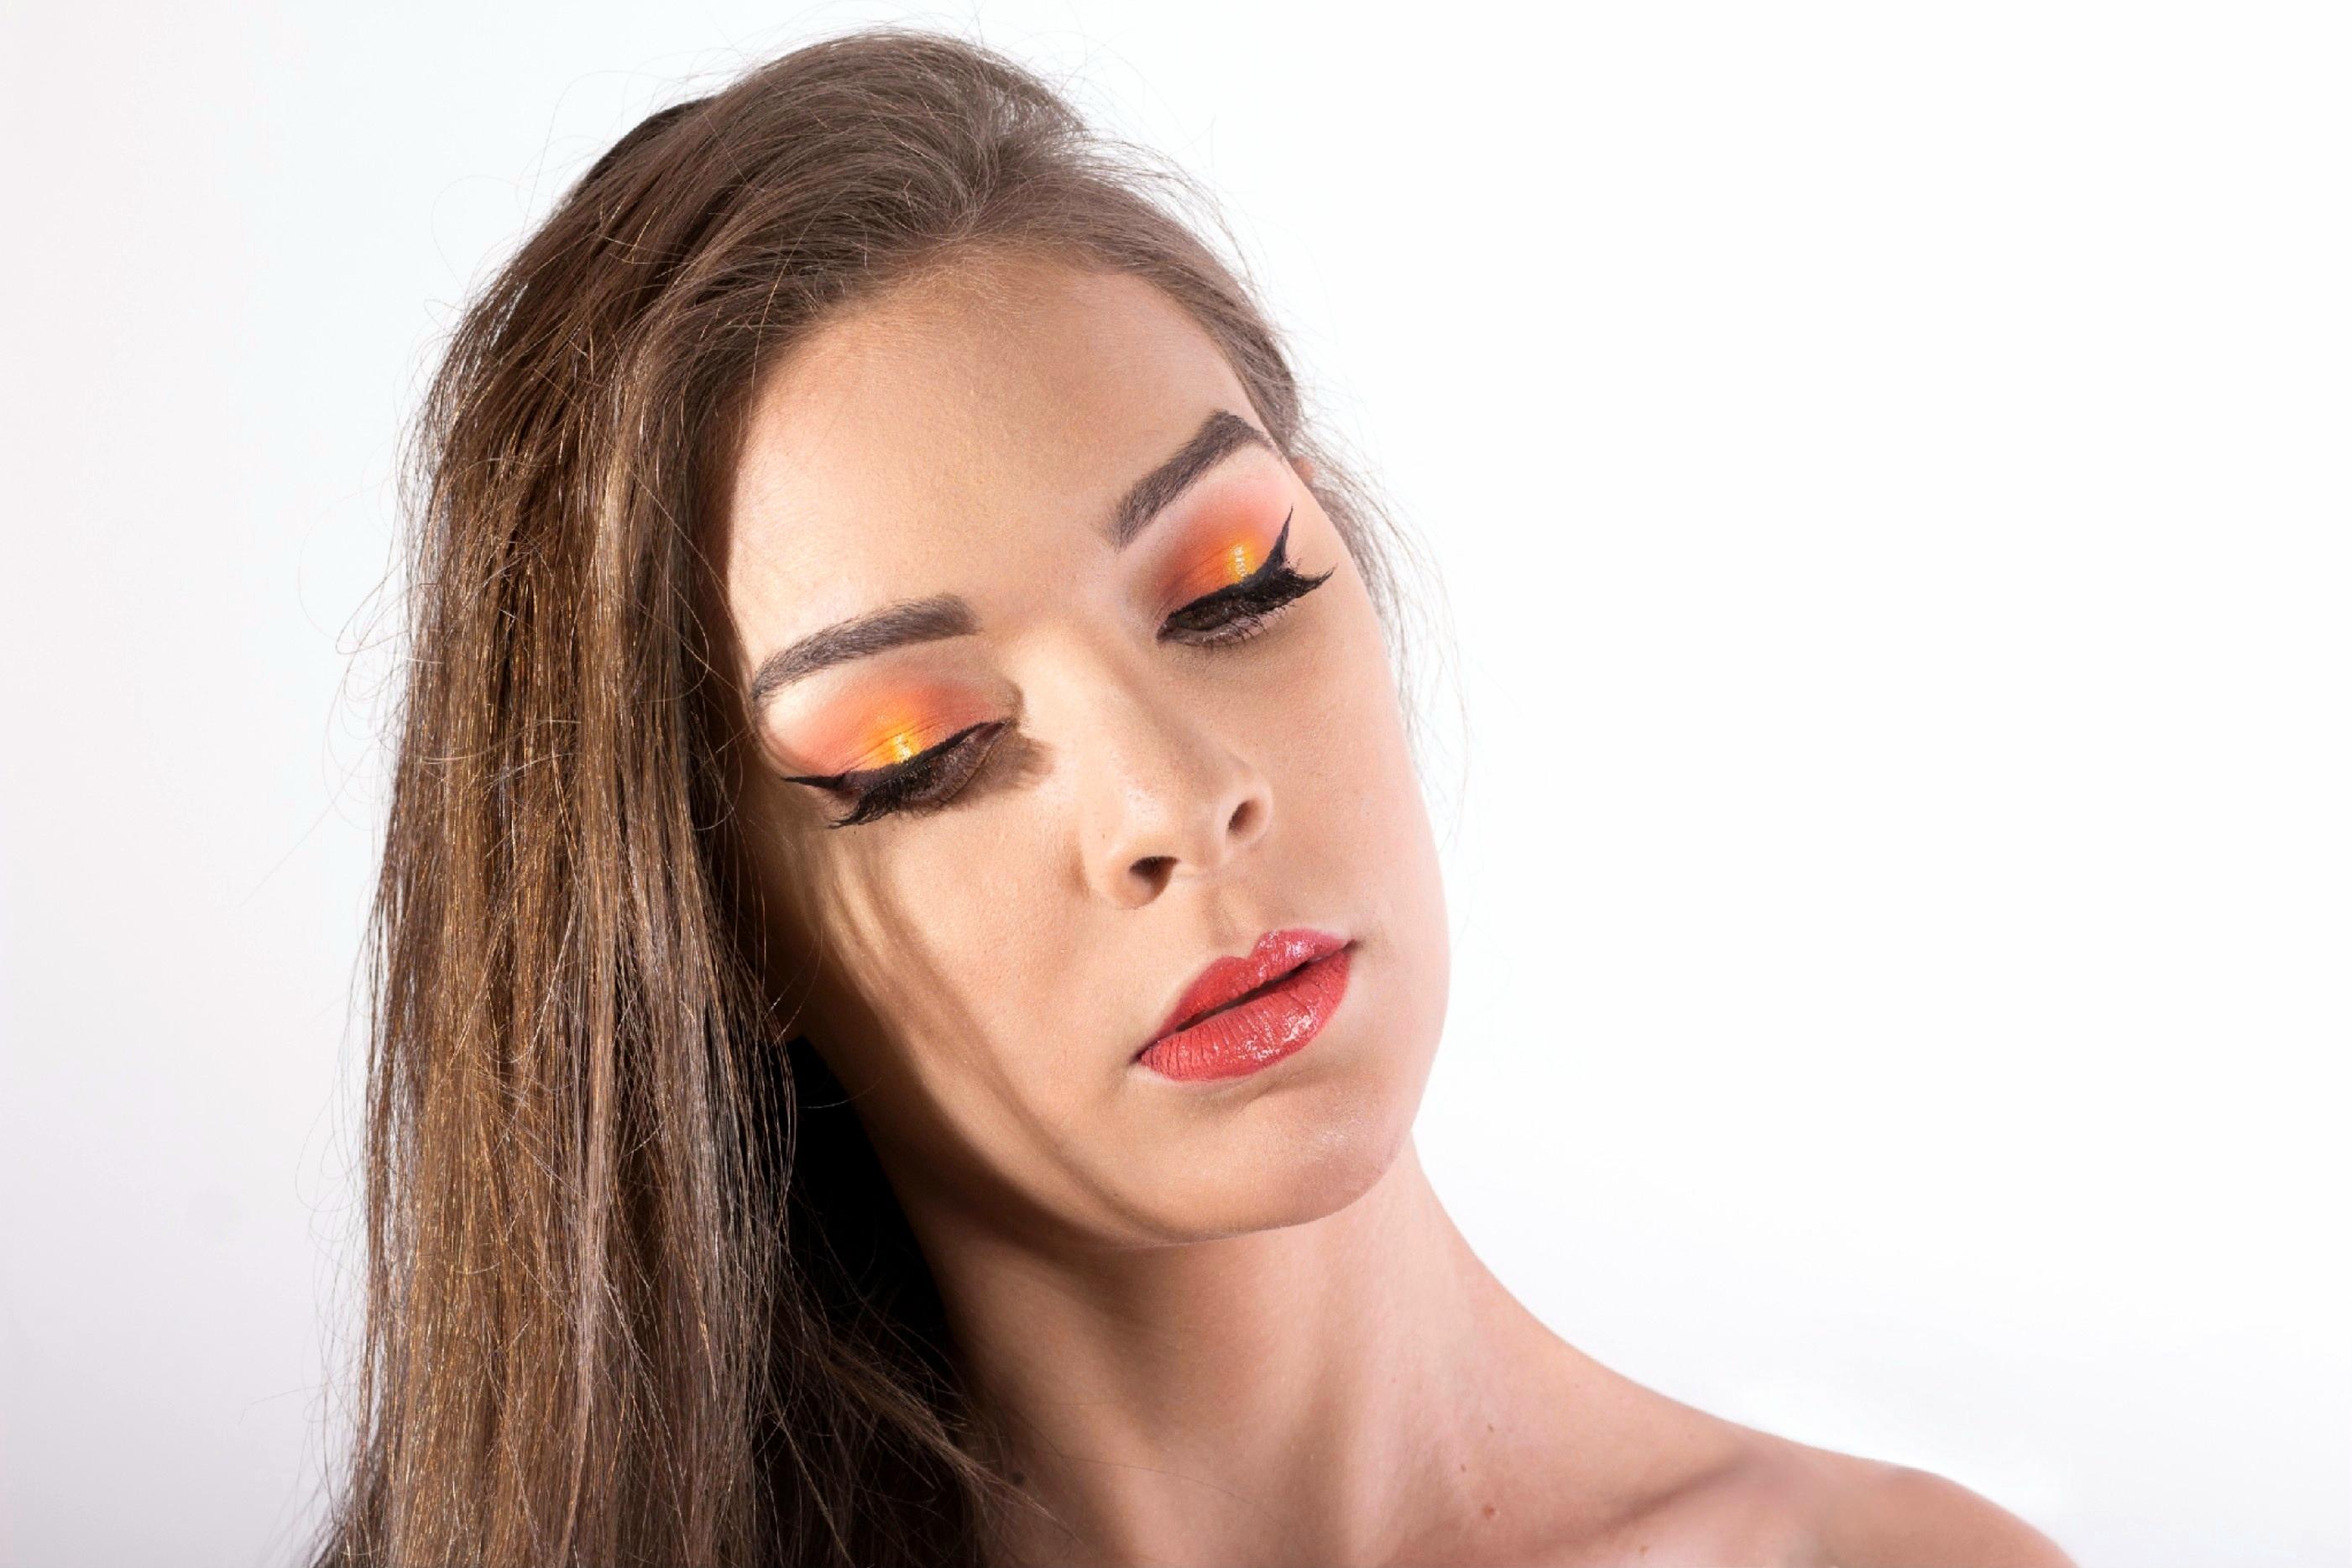 Pálpebra Luz  Inspiração Pôr do Sol maquiagem